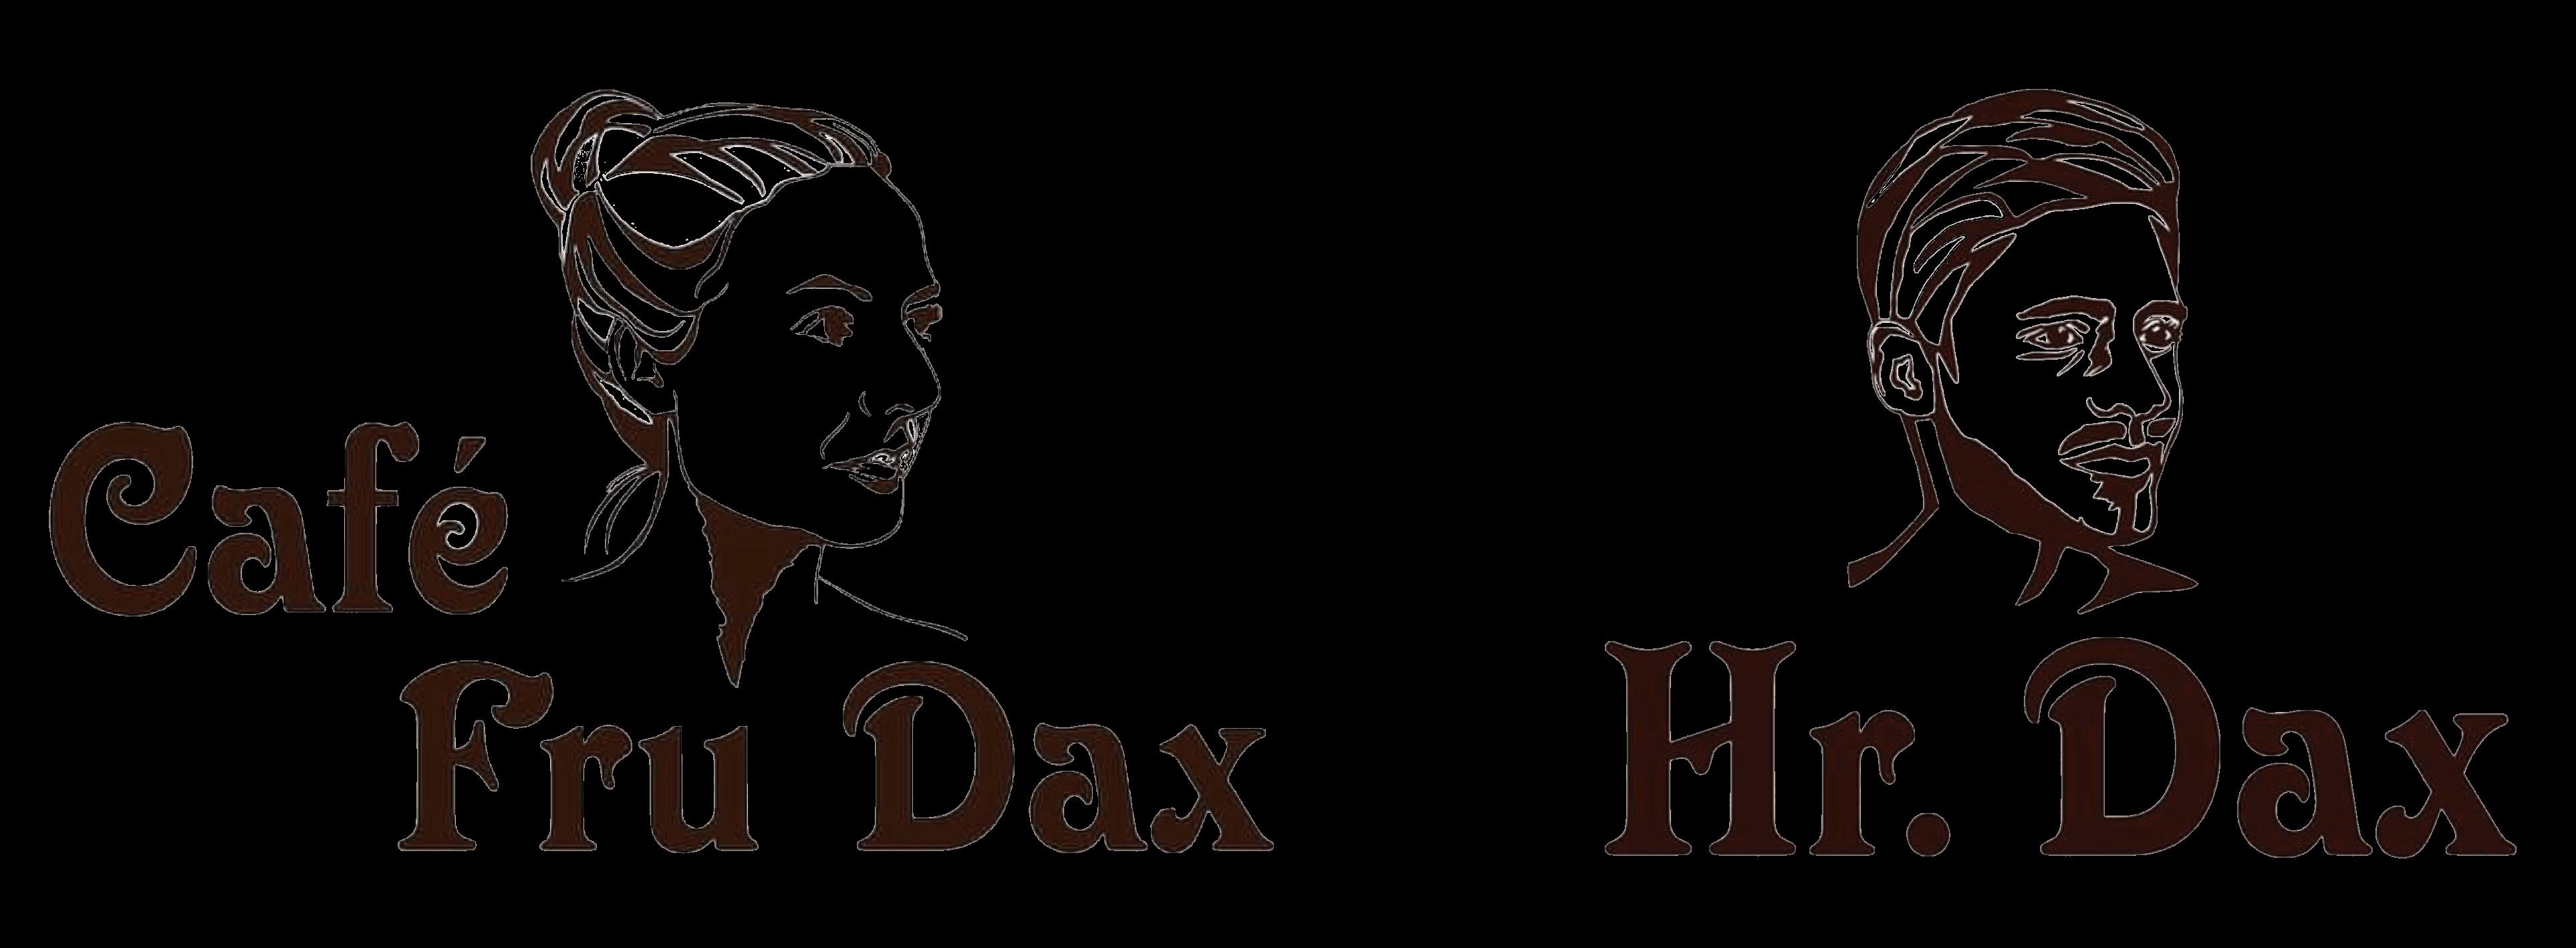 Fru og hr dax logoer.png